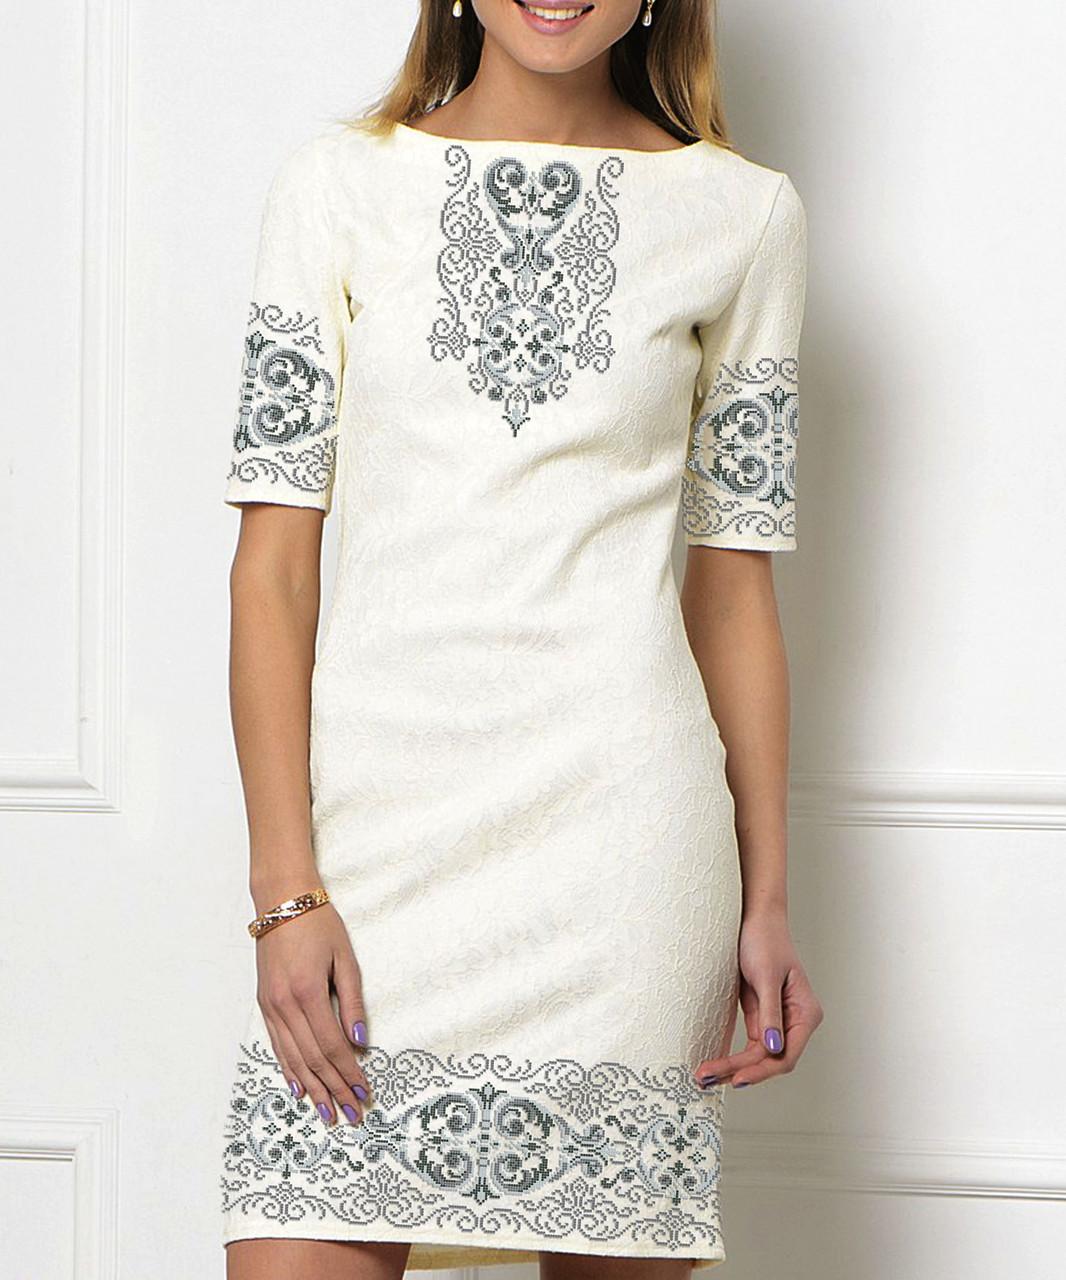 Заготовка жіночого плаття чи сукні для вишивки та вишивання бісером Бисерок  «Серпанок» (П-163 )